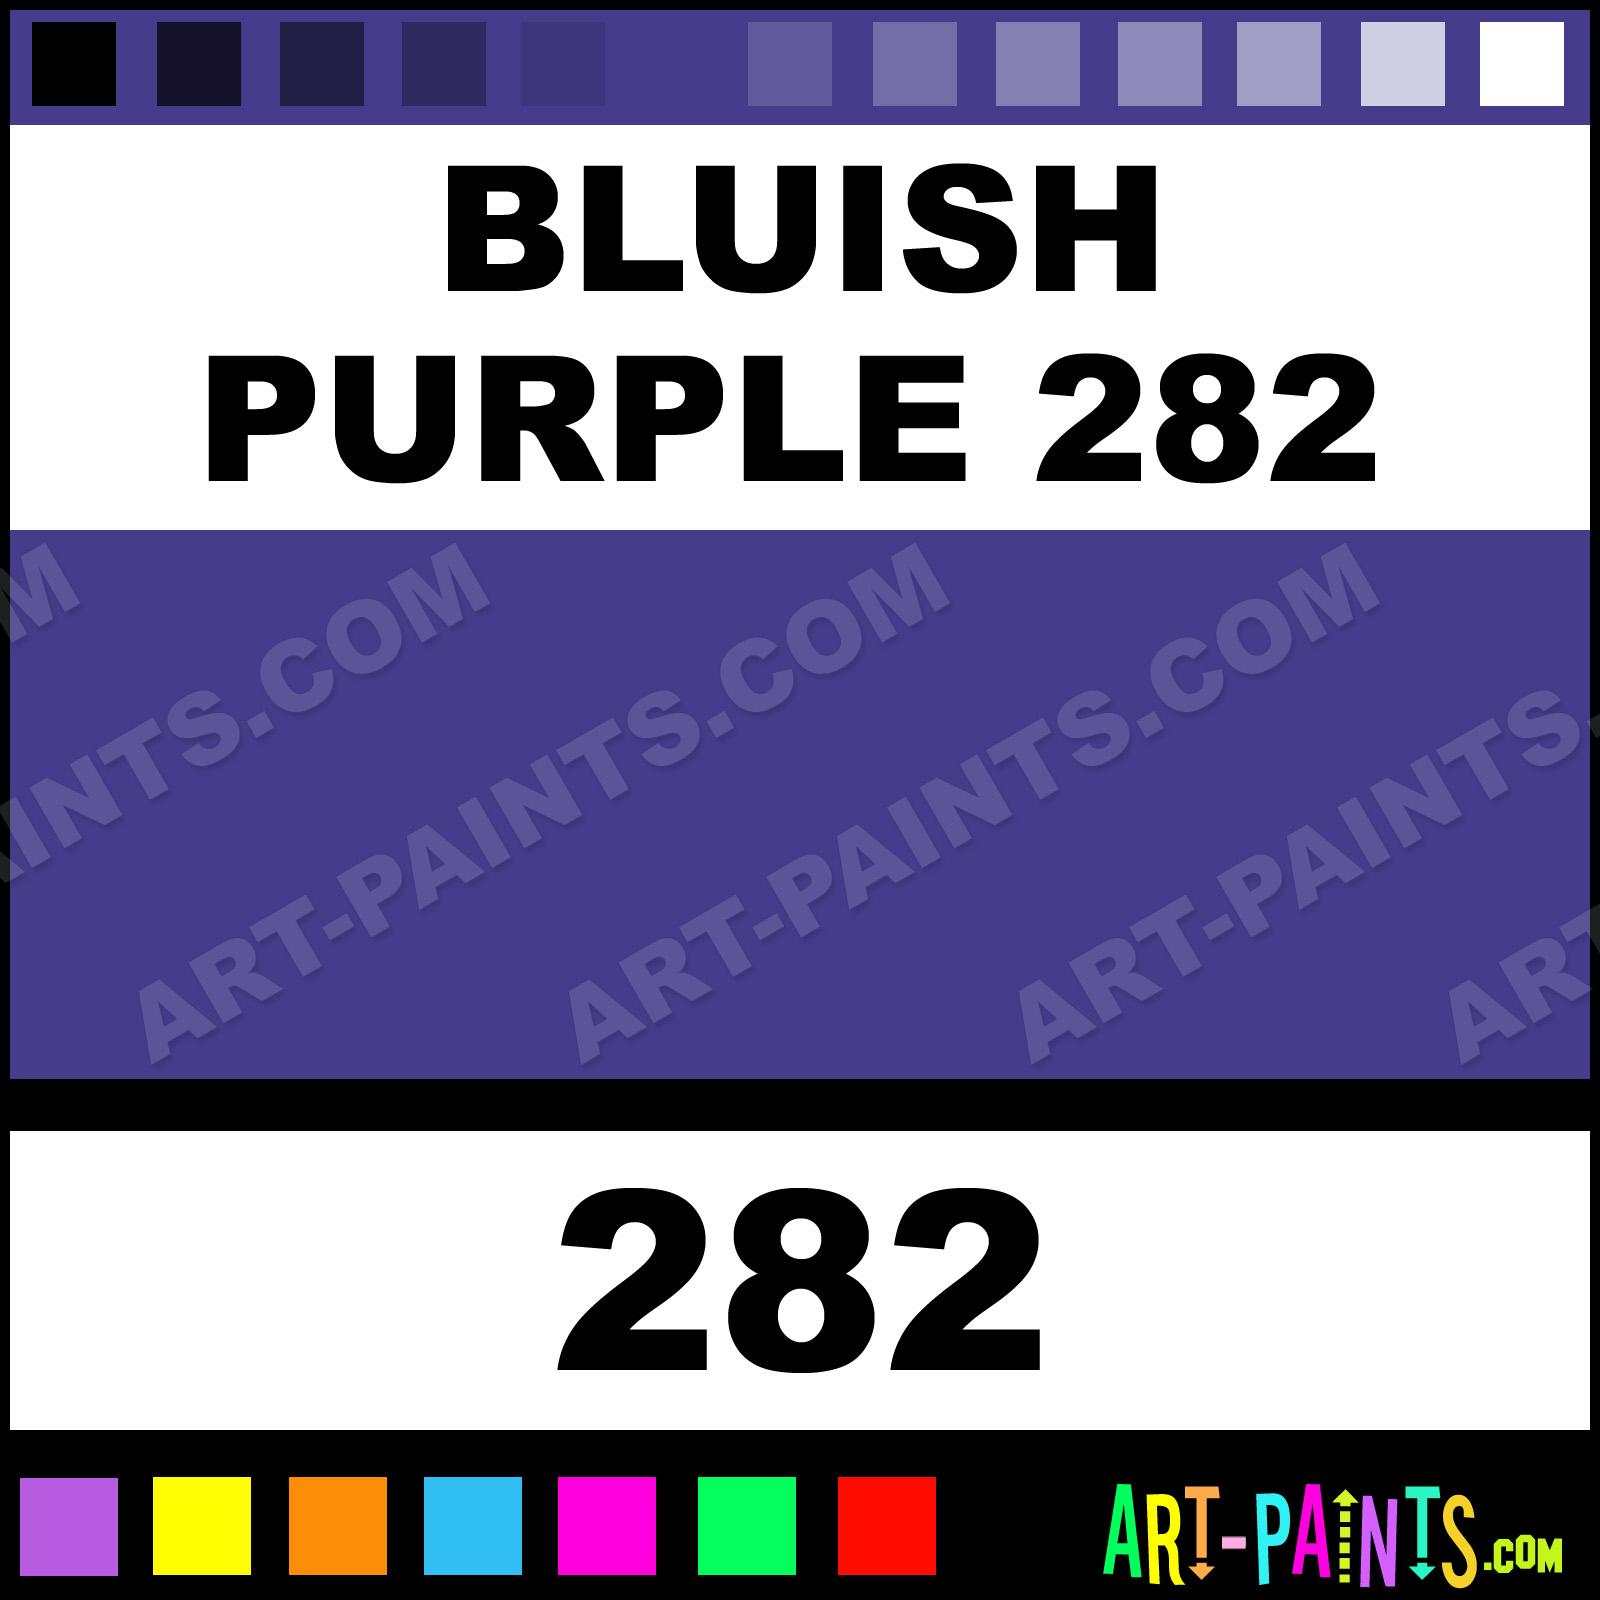 Bluish Purple 282 Flower and Fruit Pastel Paints - 282 - Bluish Purple 282  Paint, Bluish Purple 282 Color, Girault Flower and Fruit Paint, ...